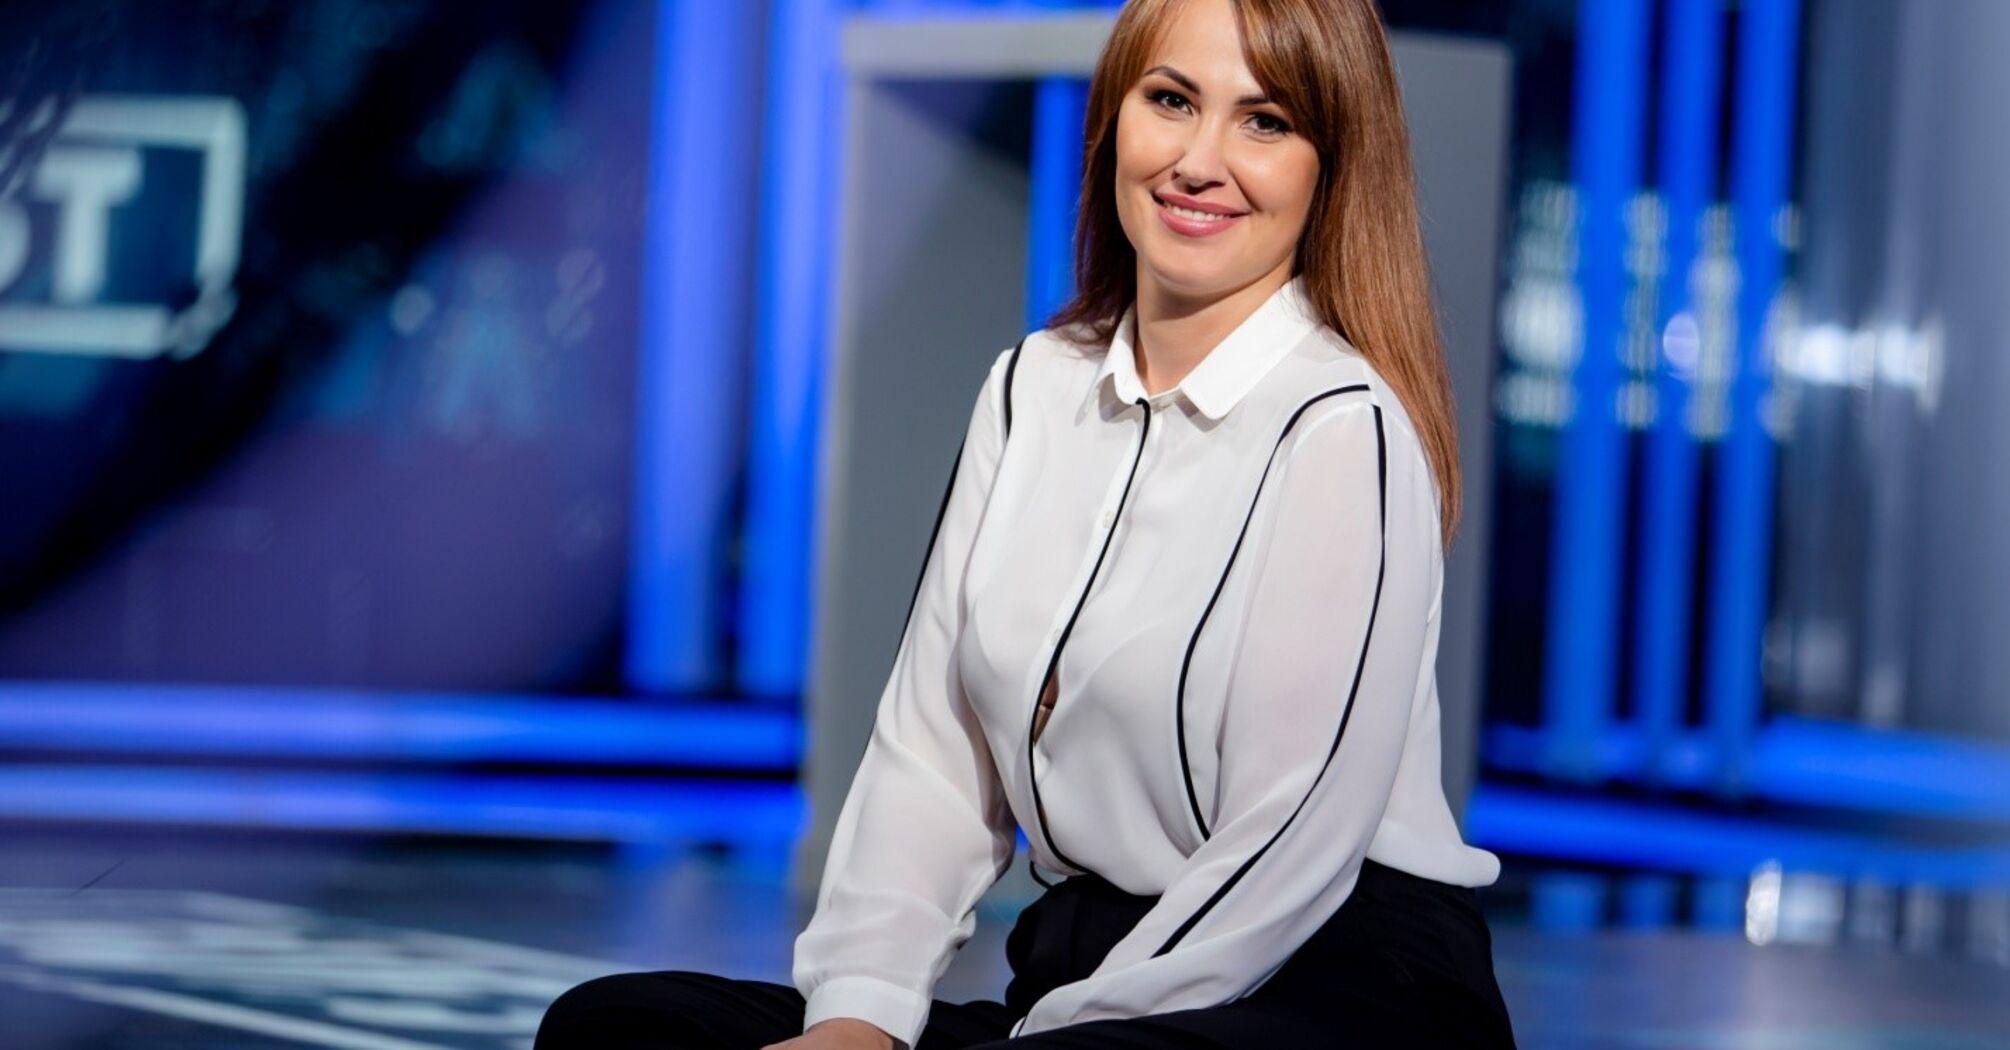 Юлія Татік визнана юристом року 2020